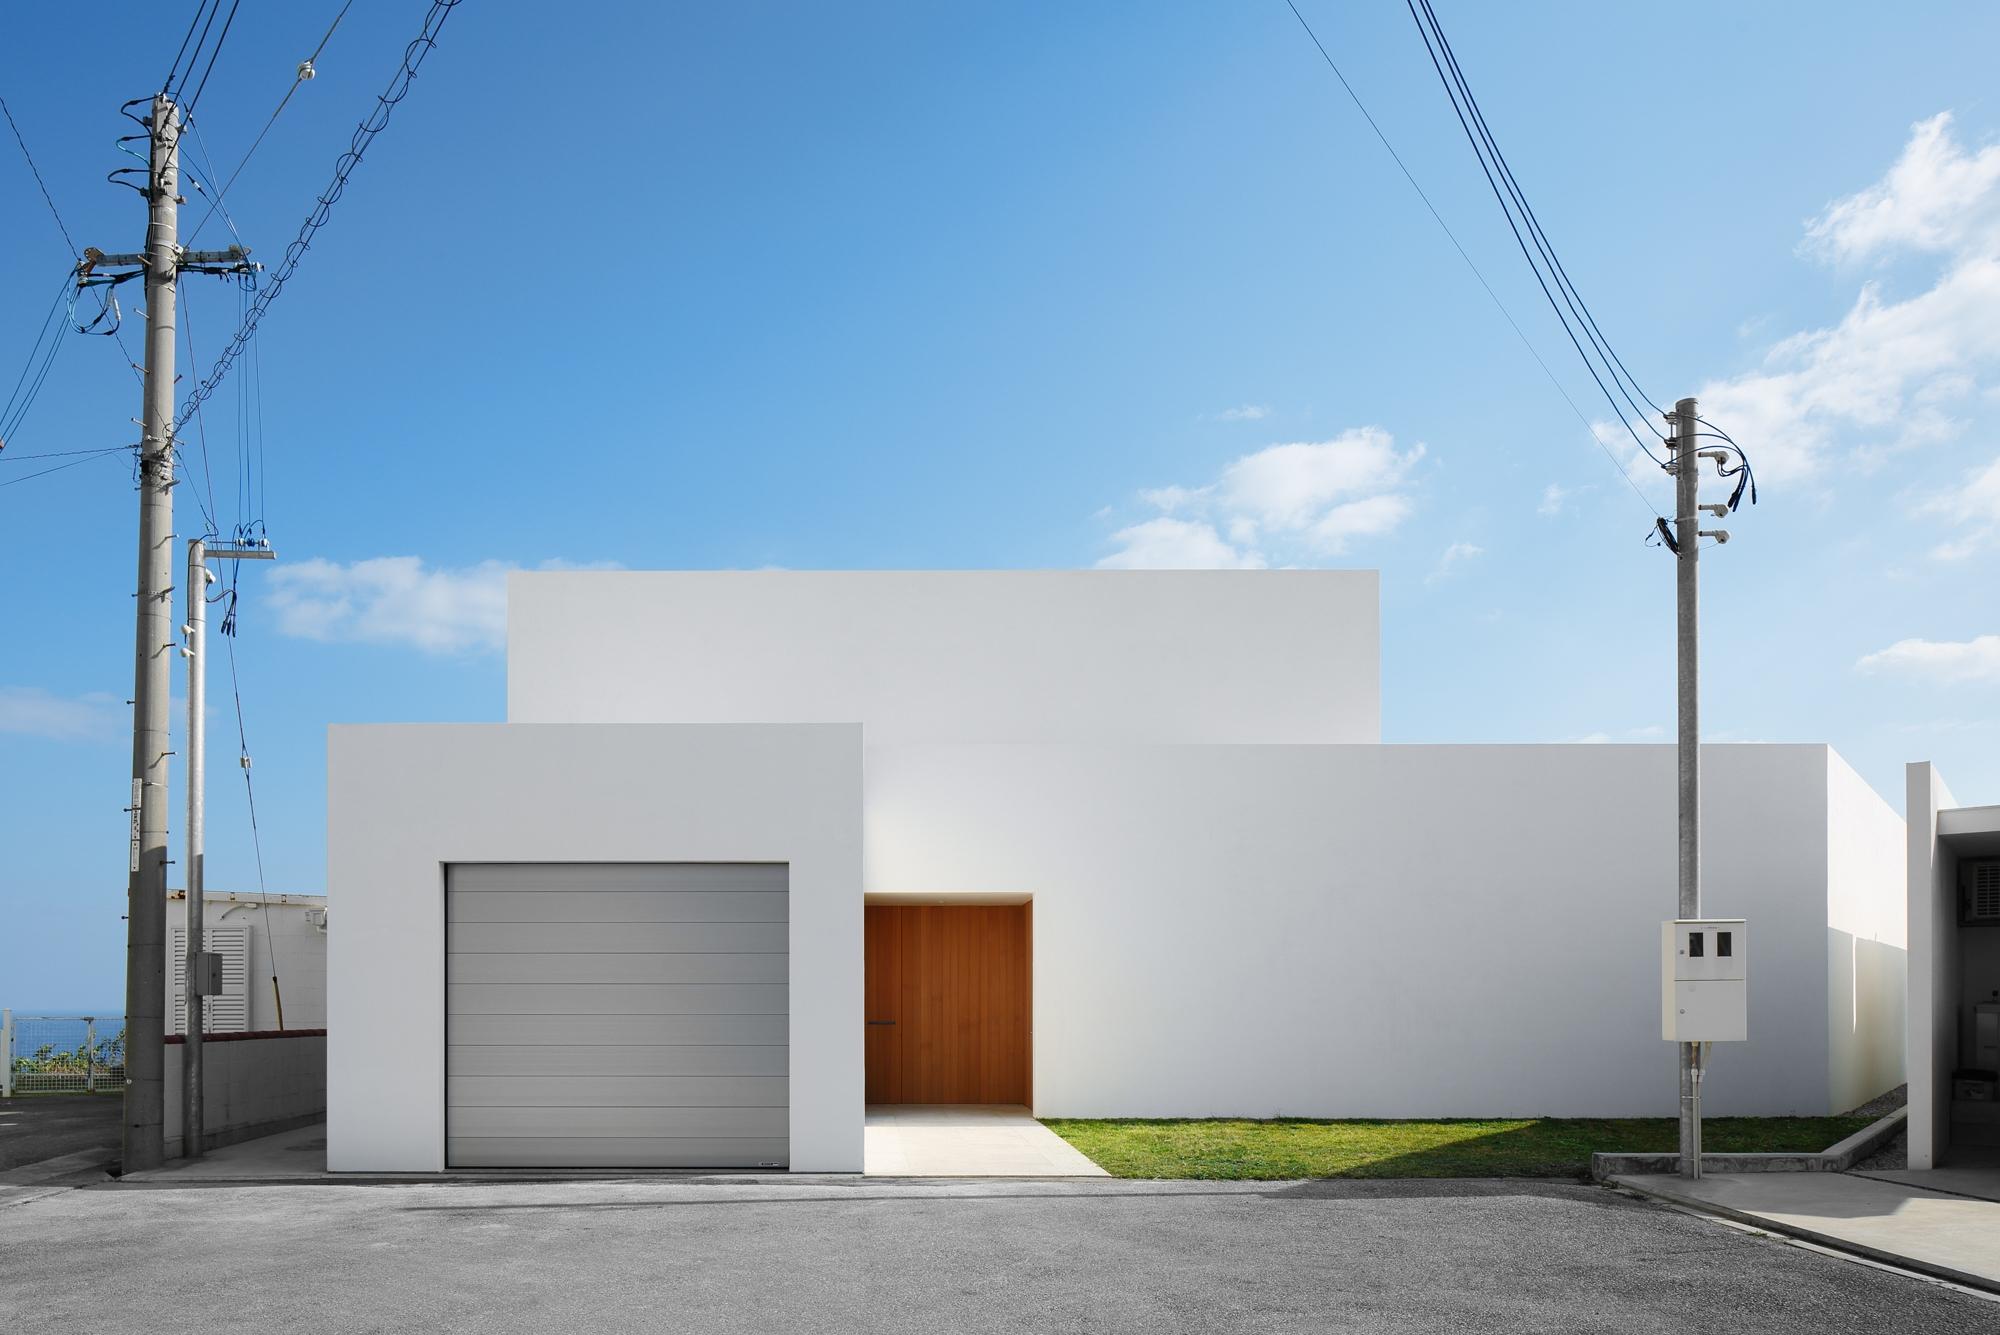 Ryukyu_House_Works_1.jpg